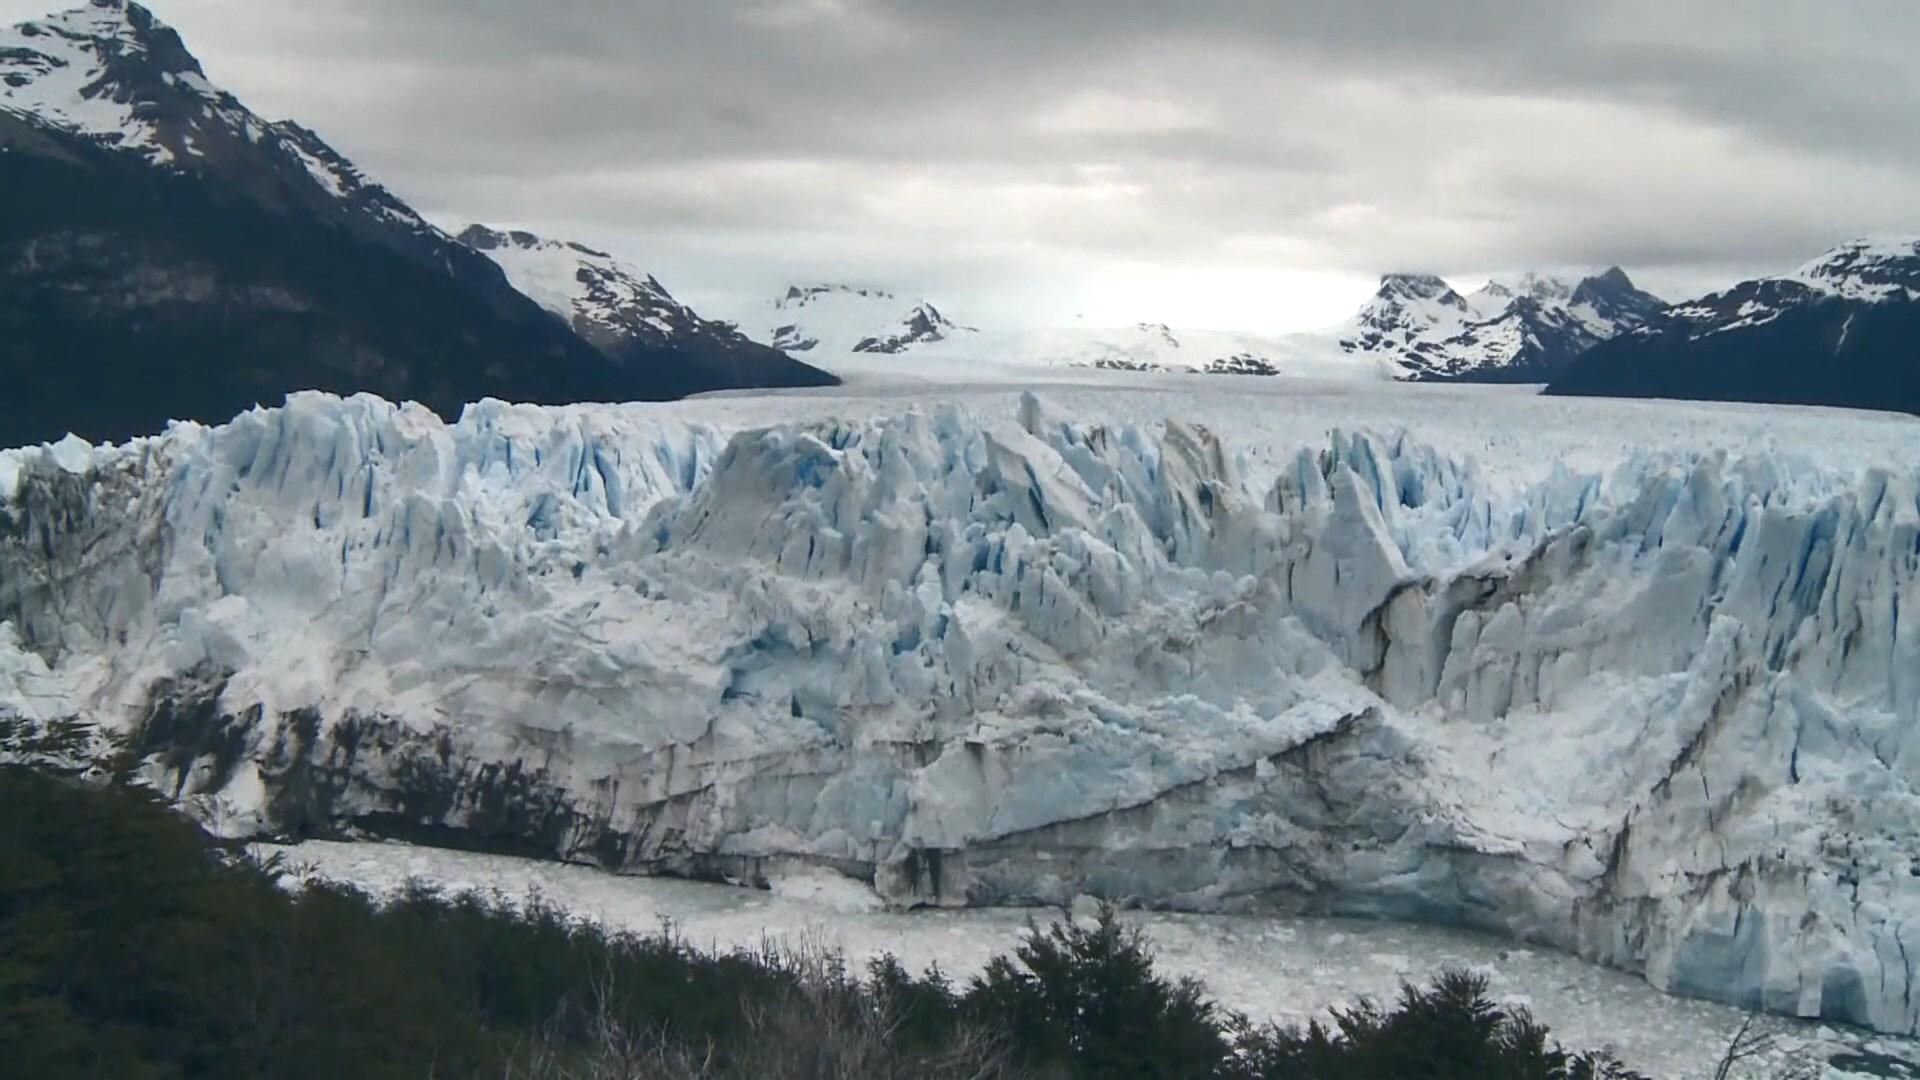 【環球薈報】輻射落塵沉積全球各地冰川